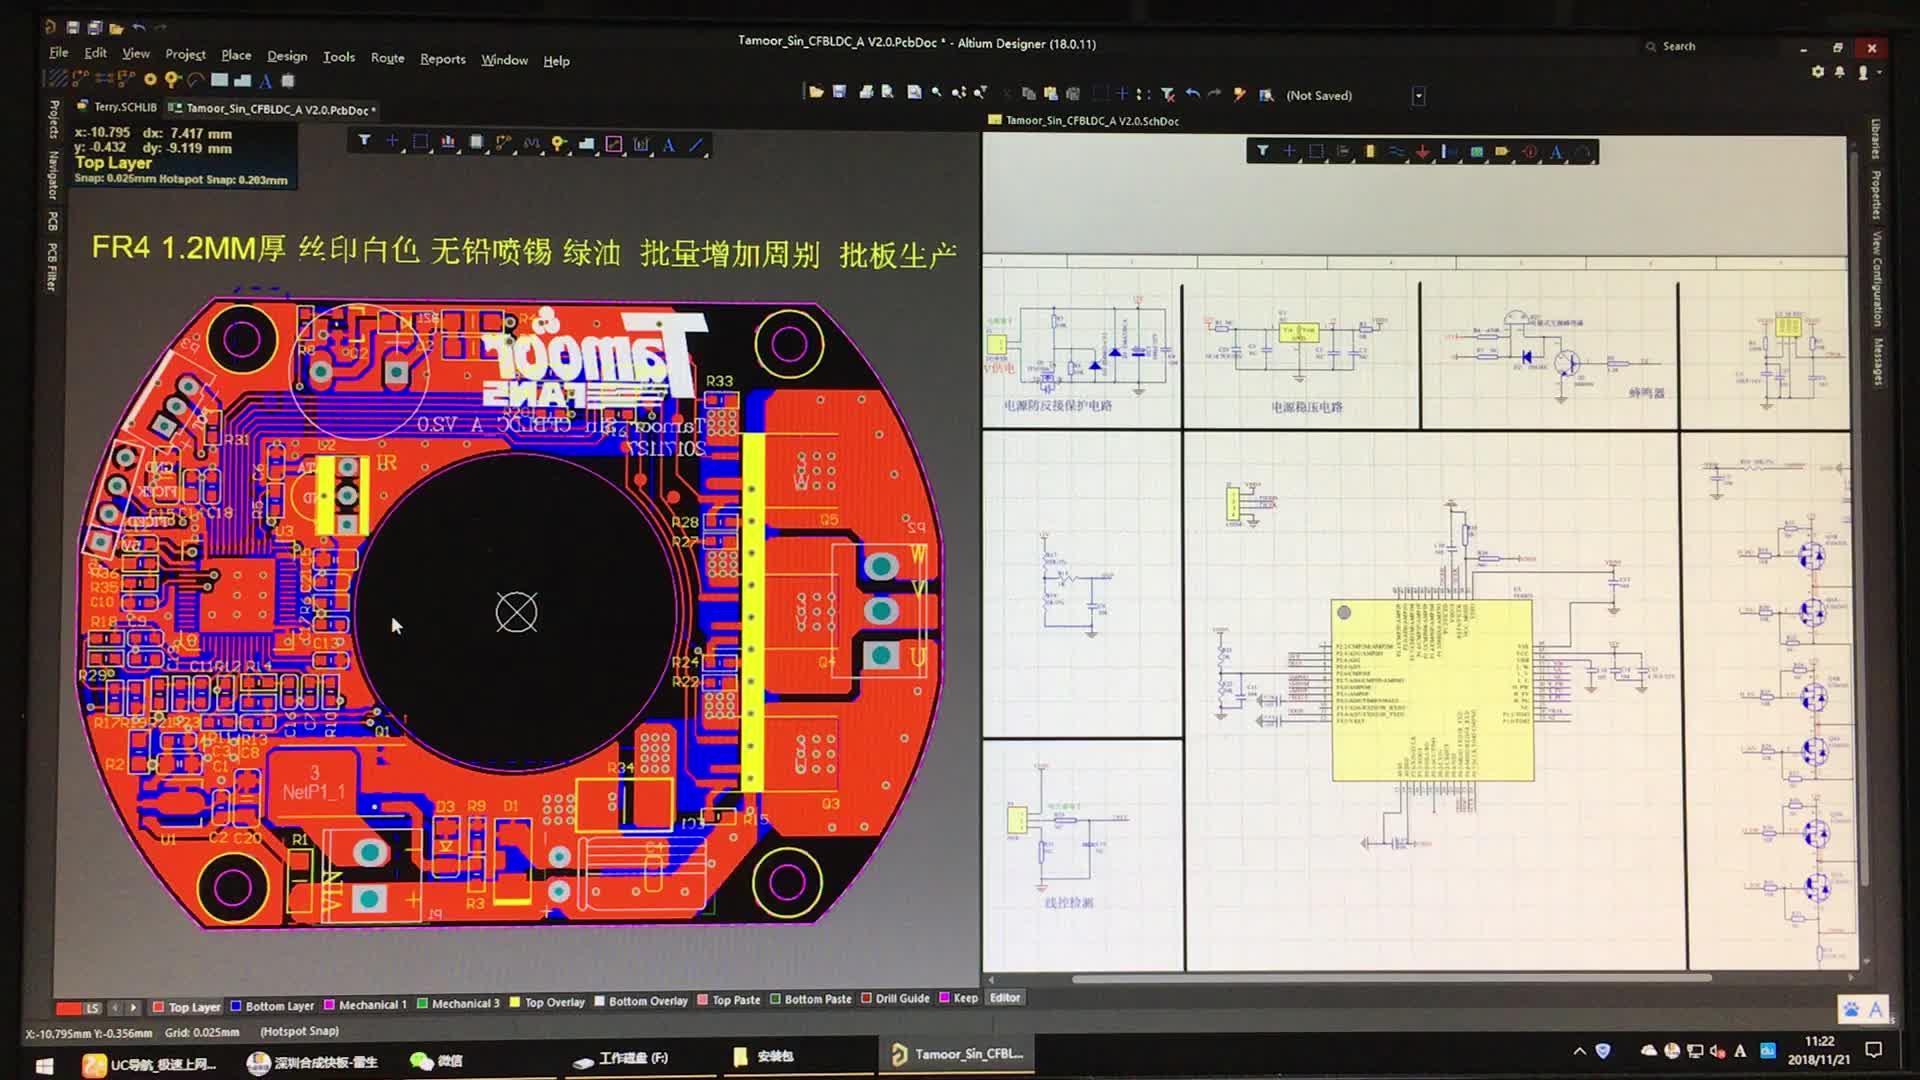 Cina ODM OEM servizio 94v0 fr4 produttore della scheda di controllo del circuito stampato elettronico pcba pcb assembly